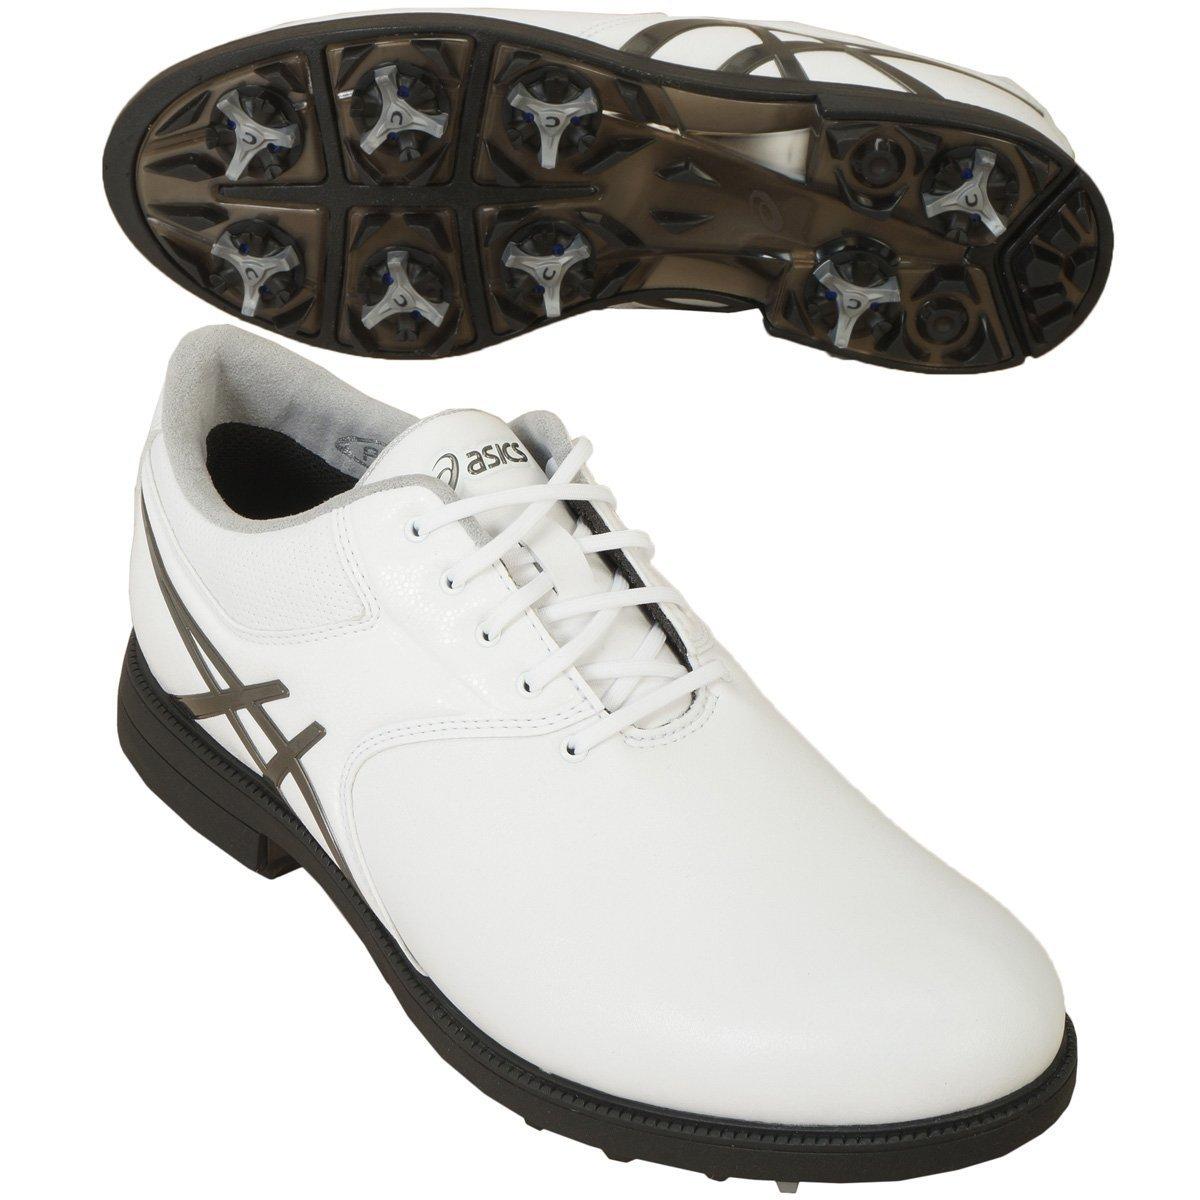 asics(アシックス) ゲルエース レジェンドマスター2 ゴルフシューズ  TGN918 ホワイト/ガンメタル 25.0cm